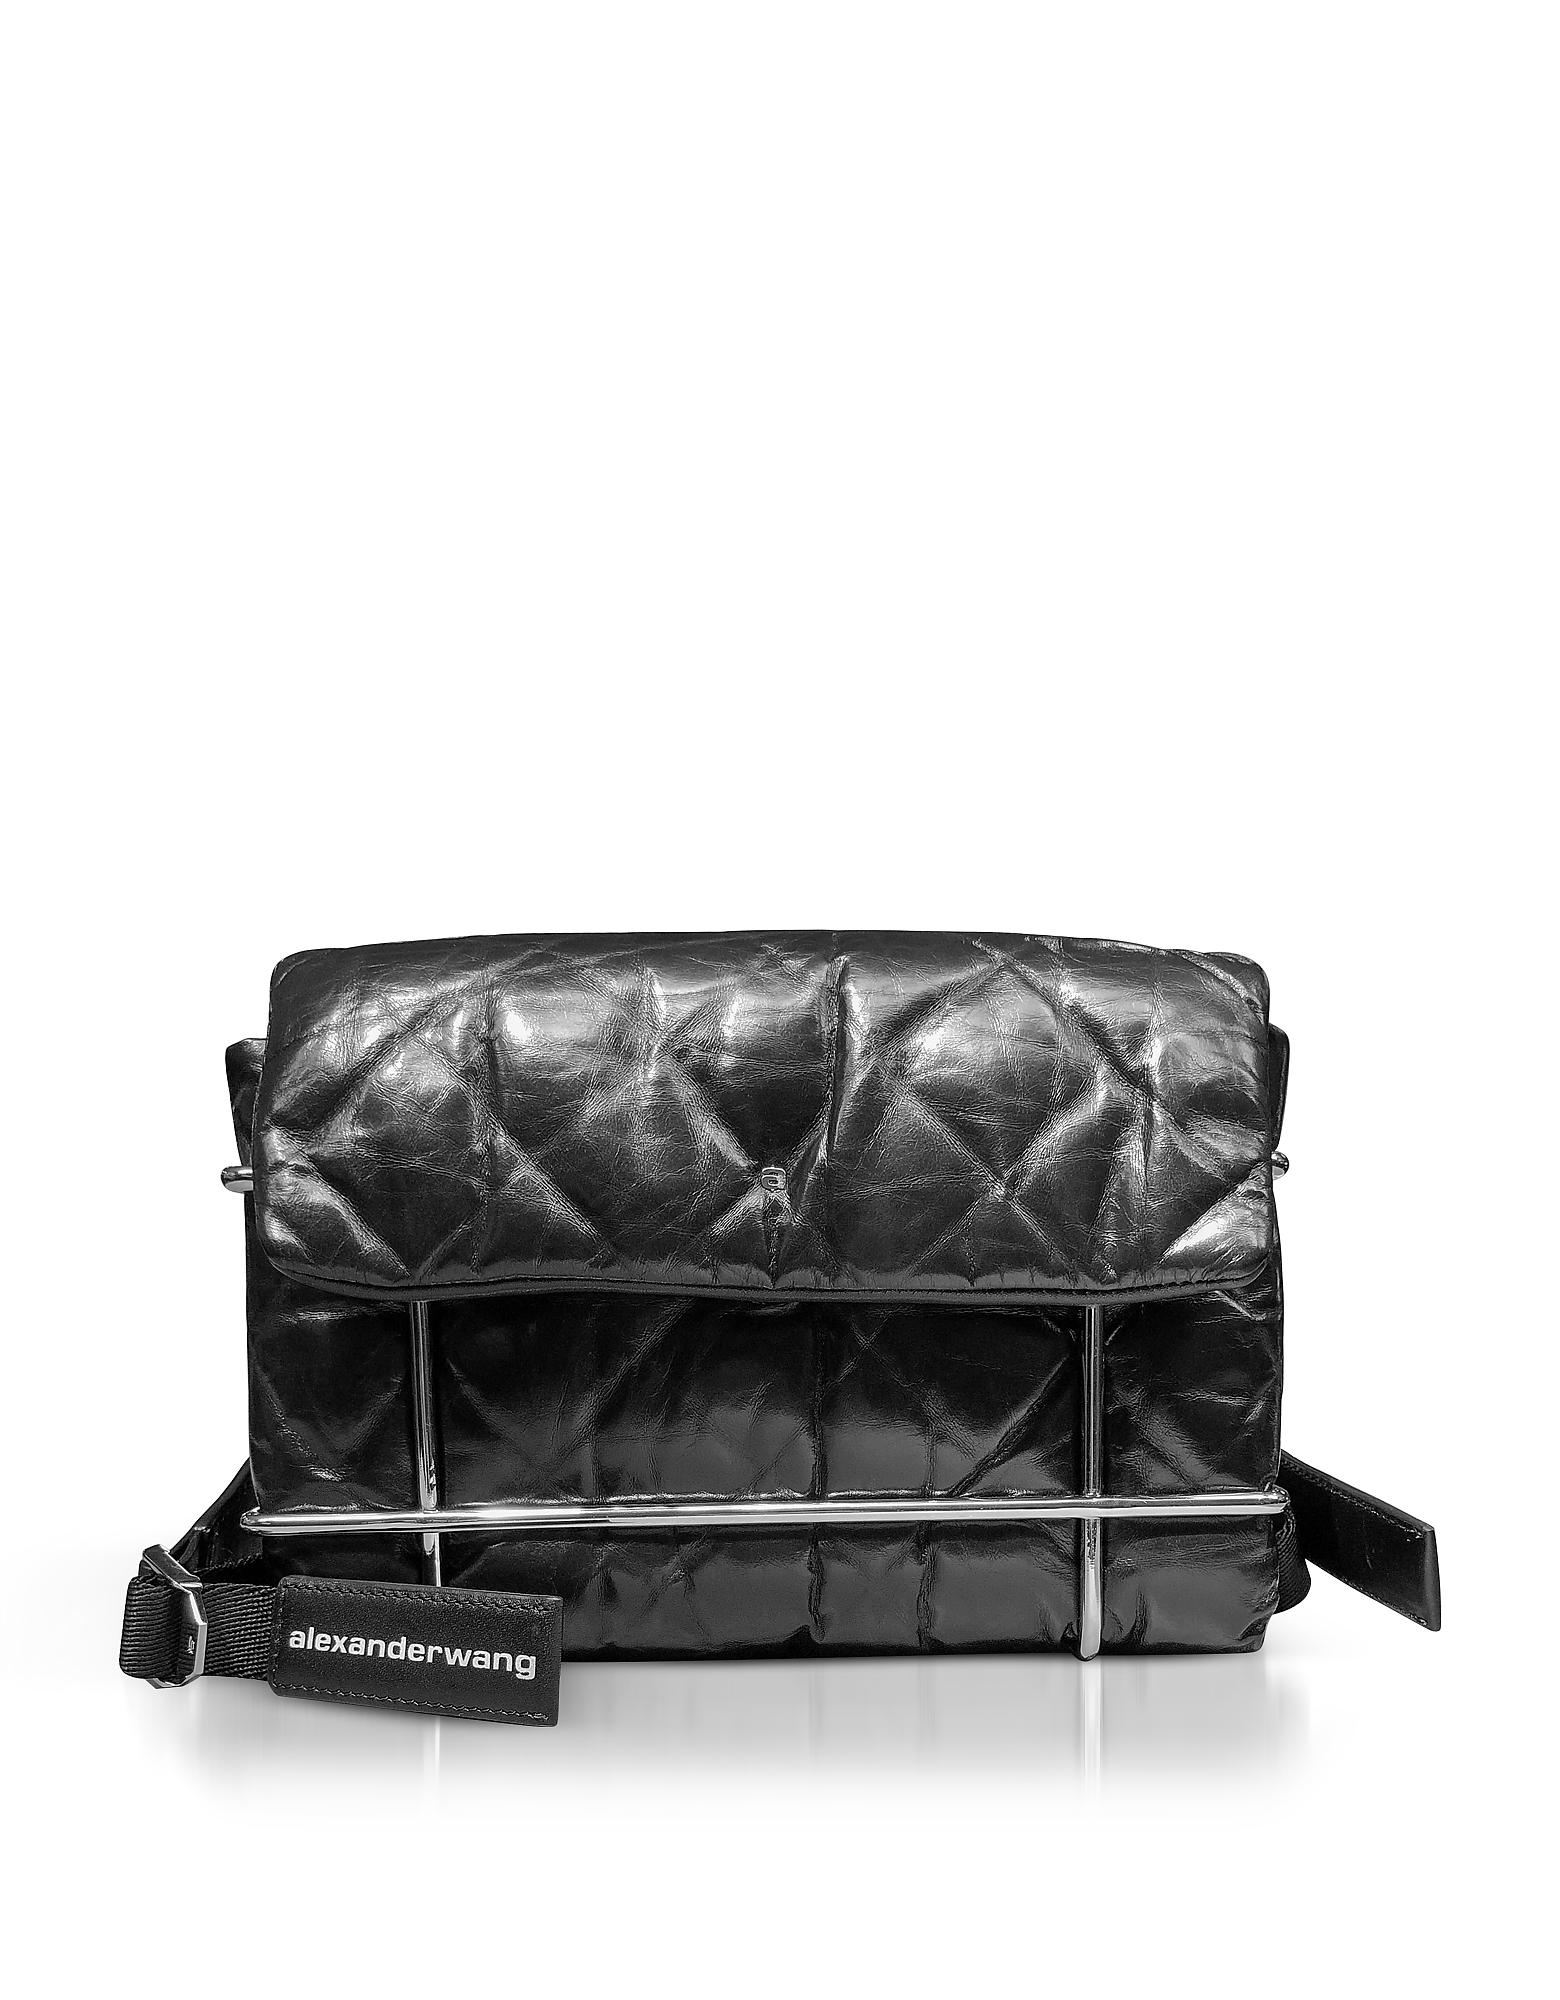 Alexander Wang Handbags, Halo Black Quilted Leather Shoulder Bag